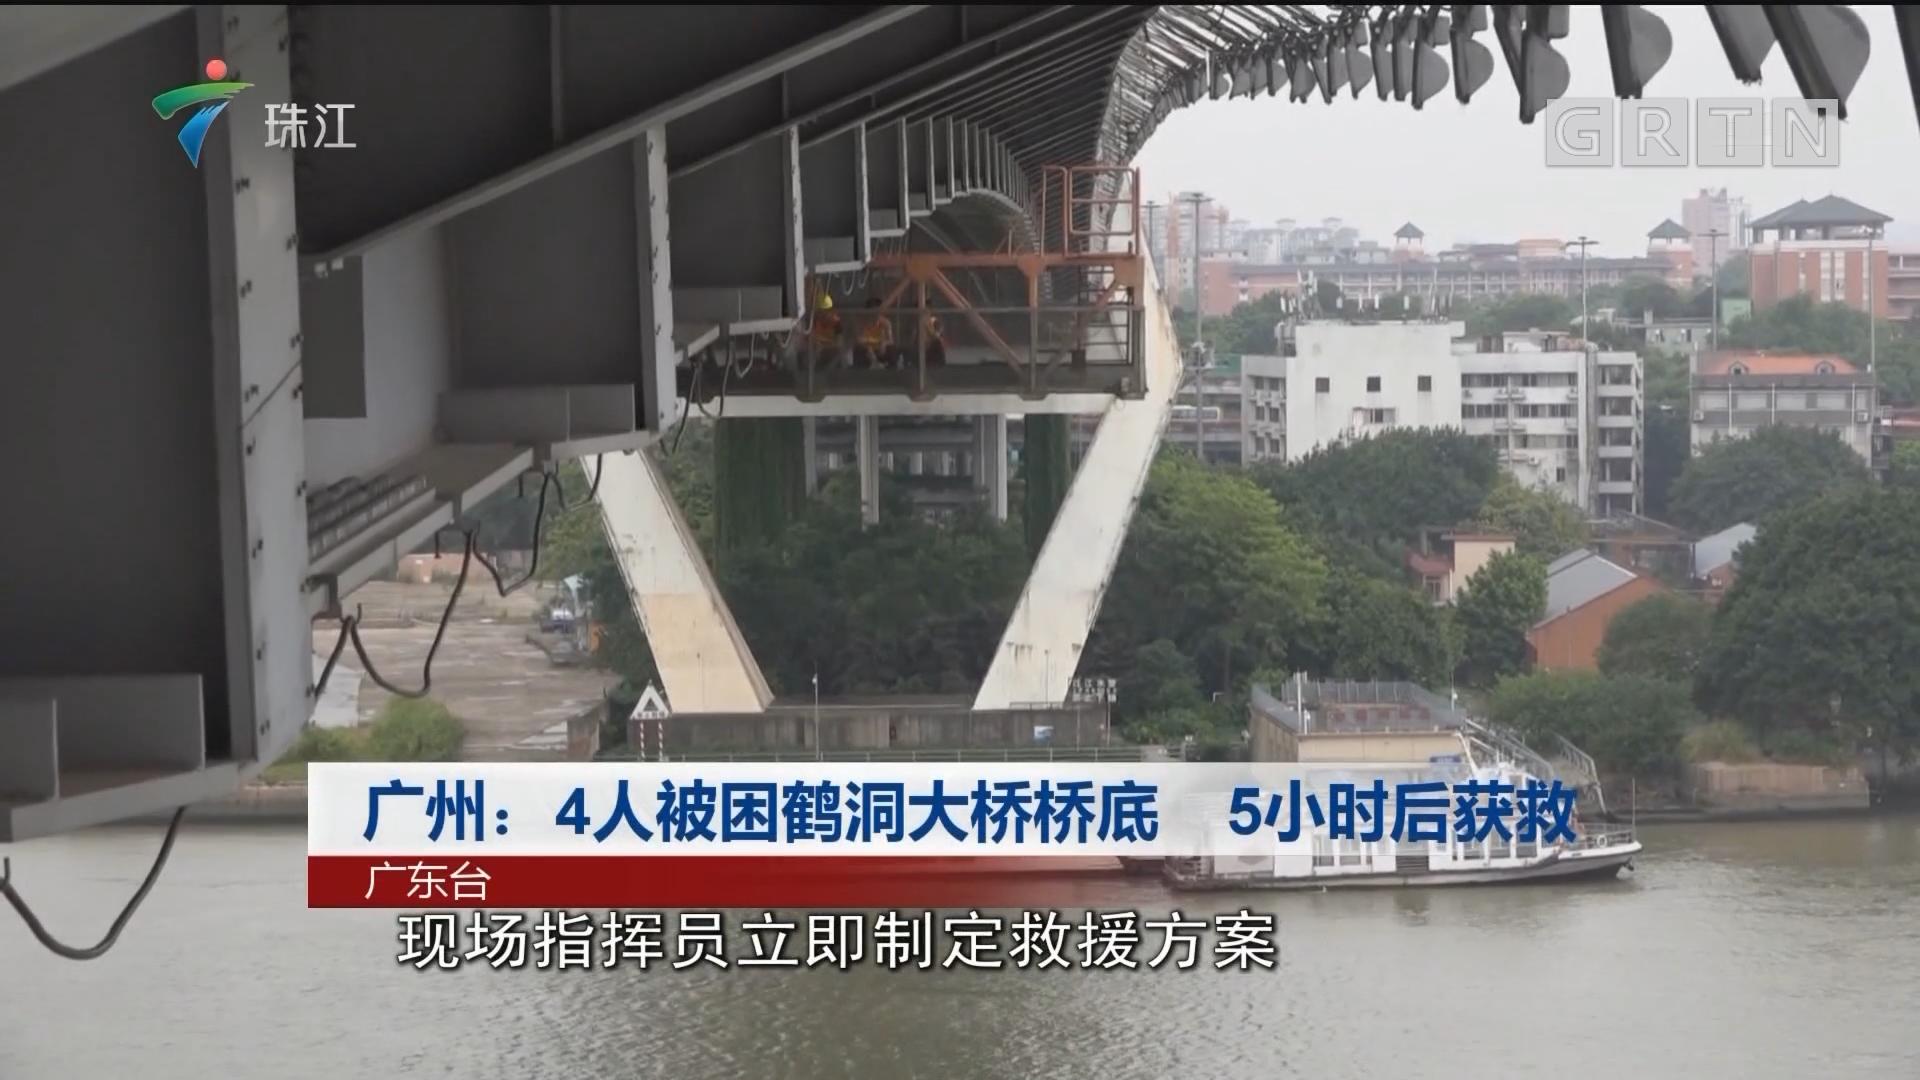 广州:4人被困鹤洞大桥桥底 5小时后获救